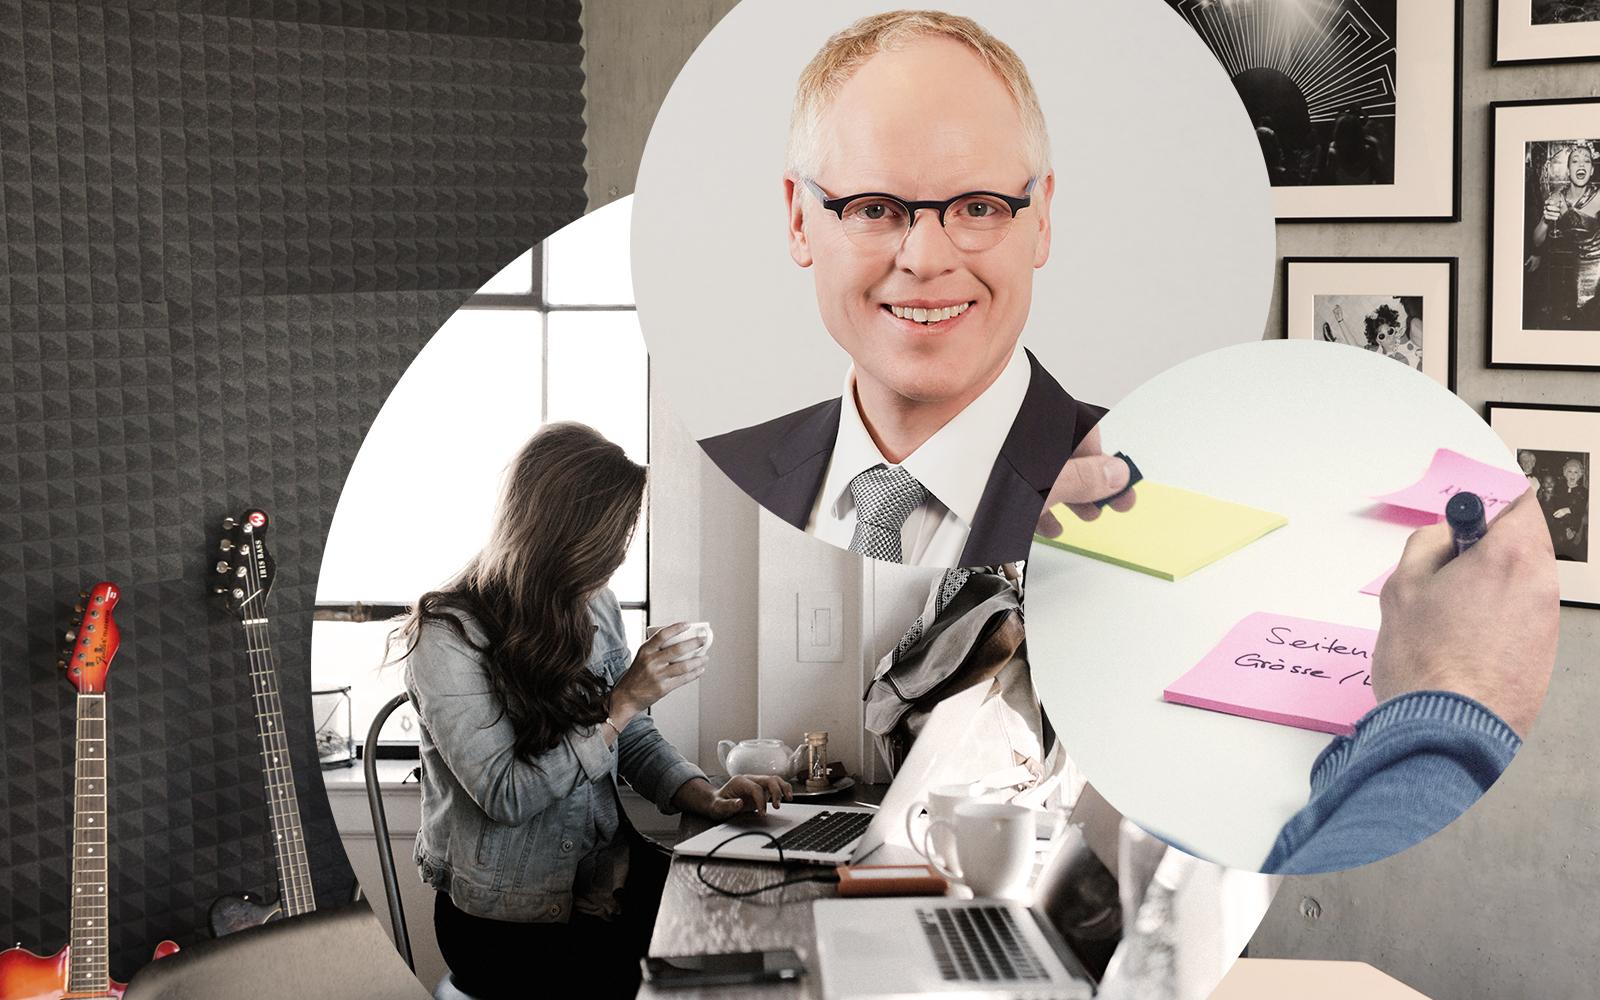 Bild von Christoph Resch, Geschäftsführer bei valantic CEC Deutschland, daneben das Bild einer Frau am Laptop und einigen Notizzetteln